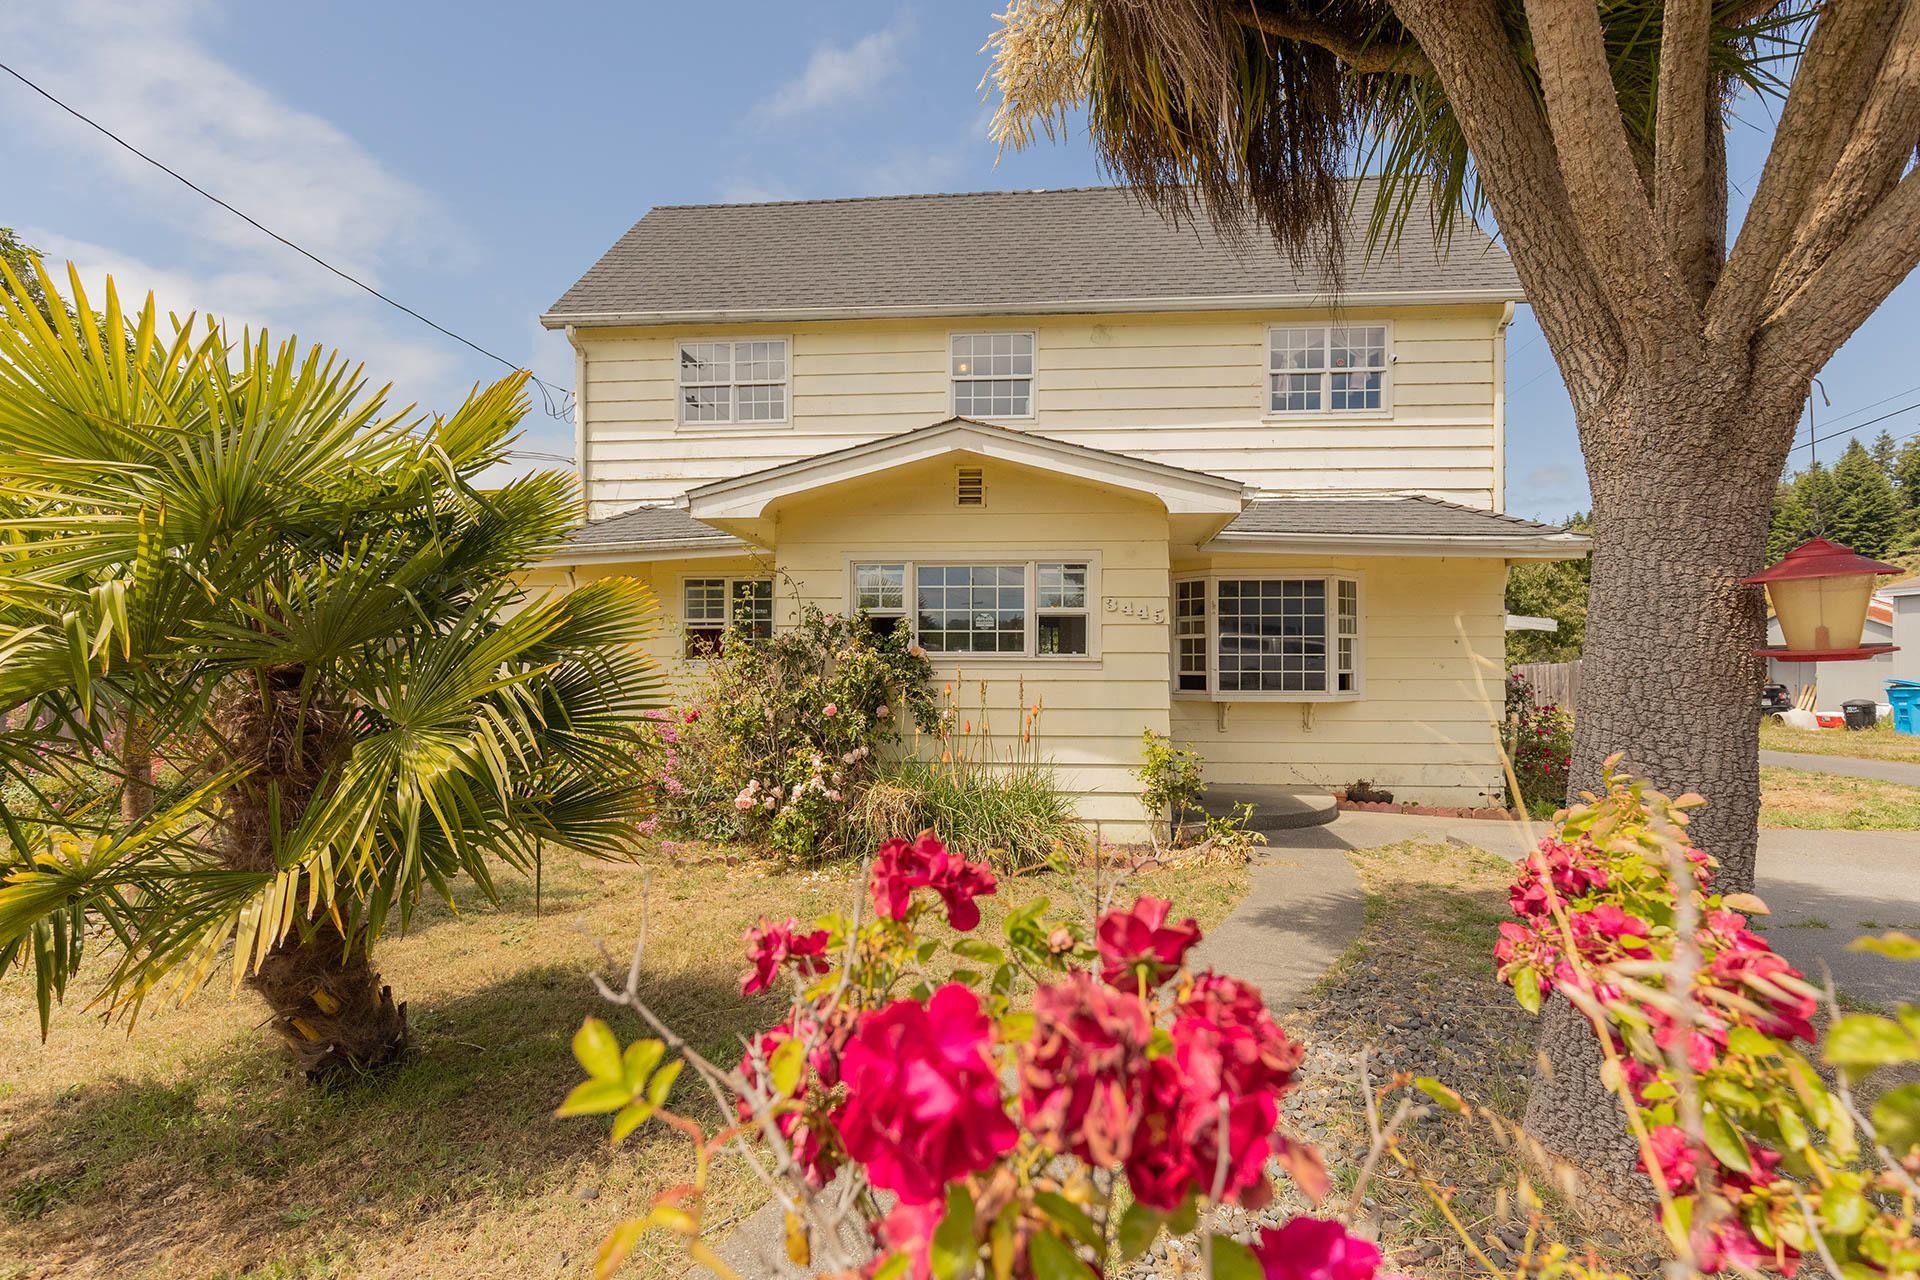 3445 Church Street, Fortuna, CA 95540 - MLS#: 259455